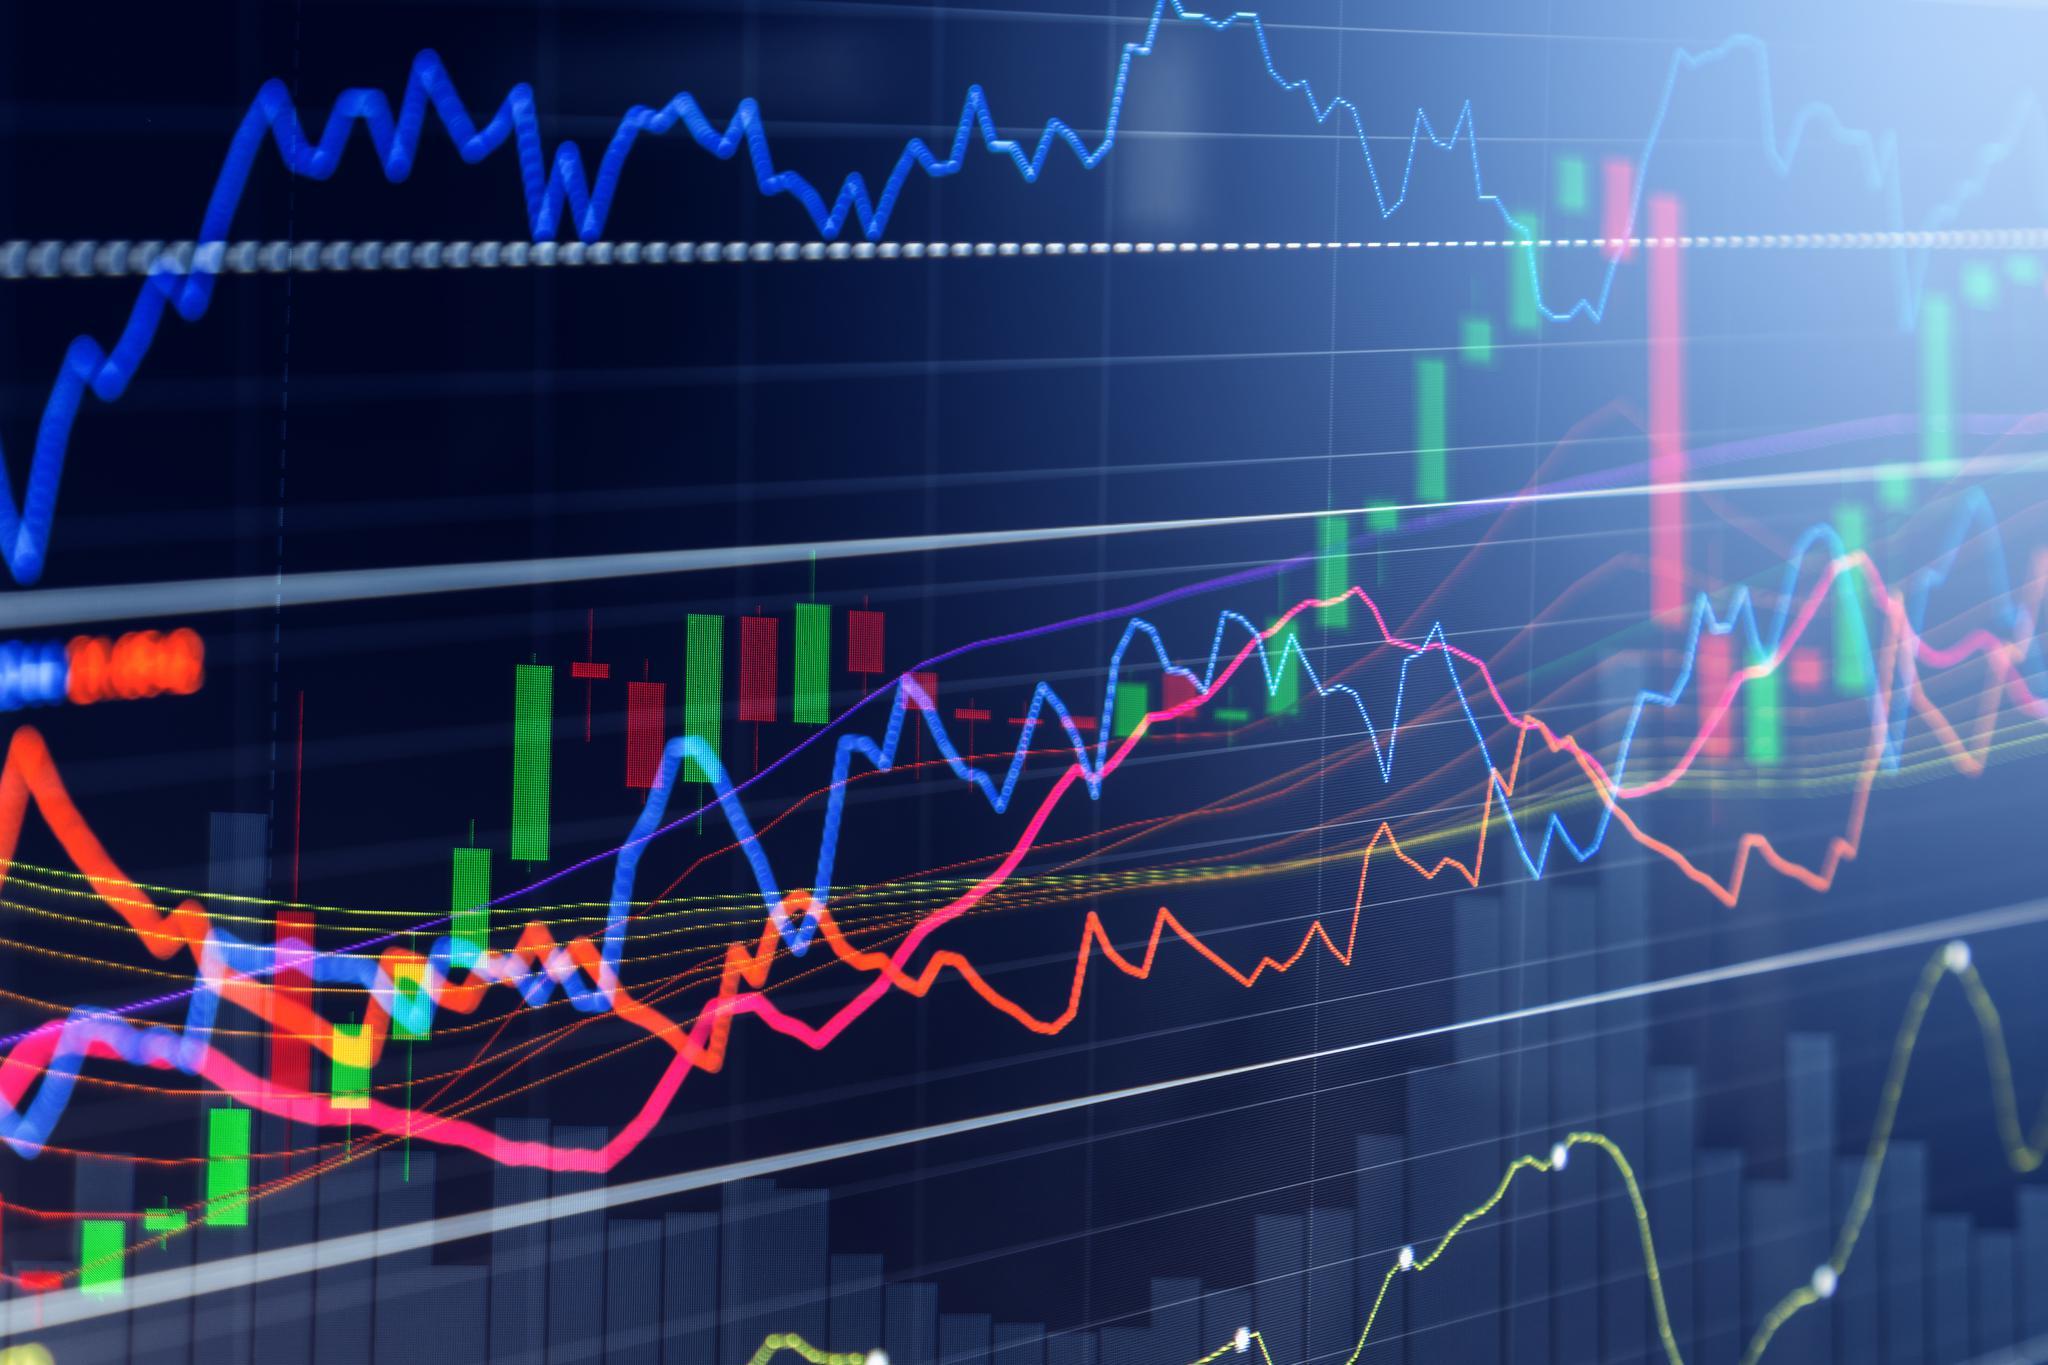 8月教育企业市值排行榜:天立教育入围港股前五,瑞思学科英语涨幅95%